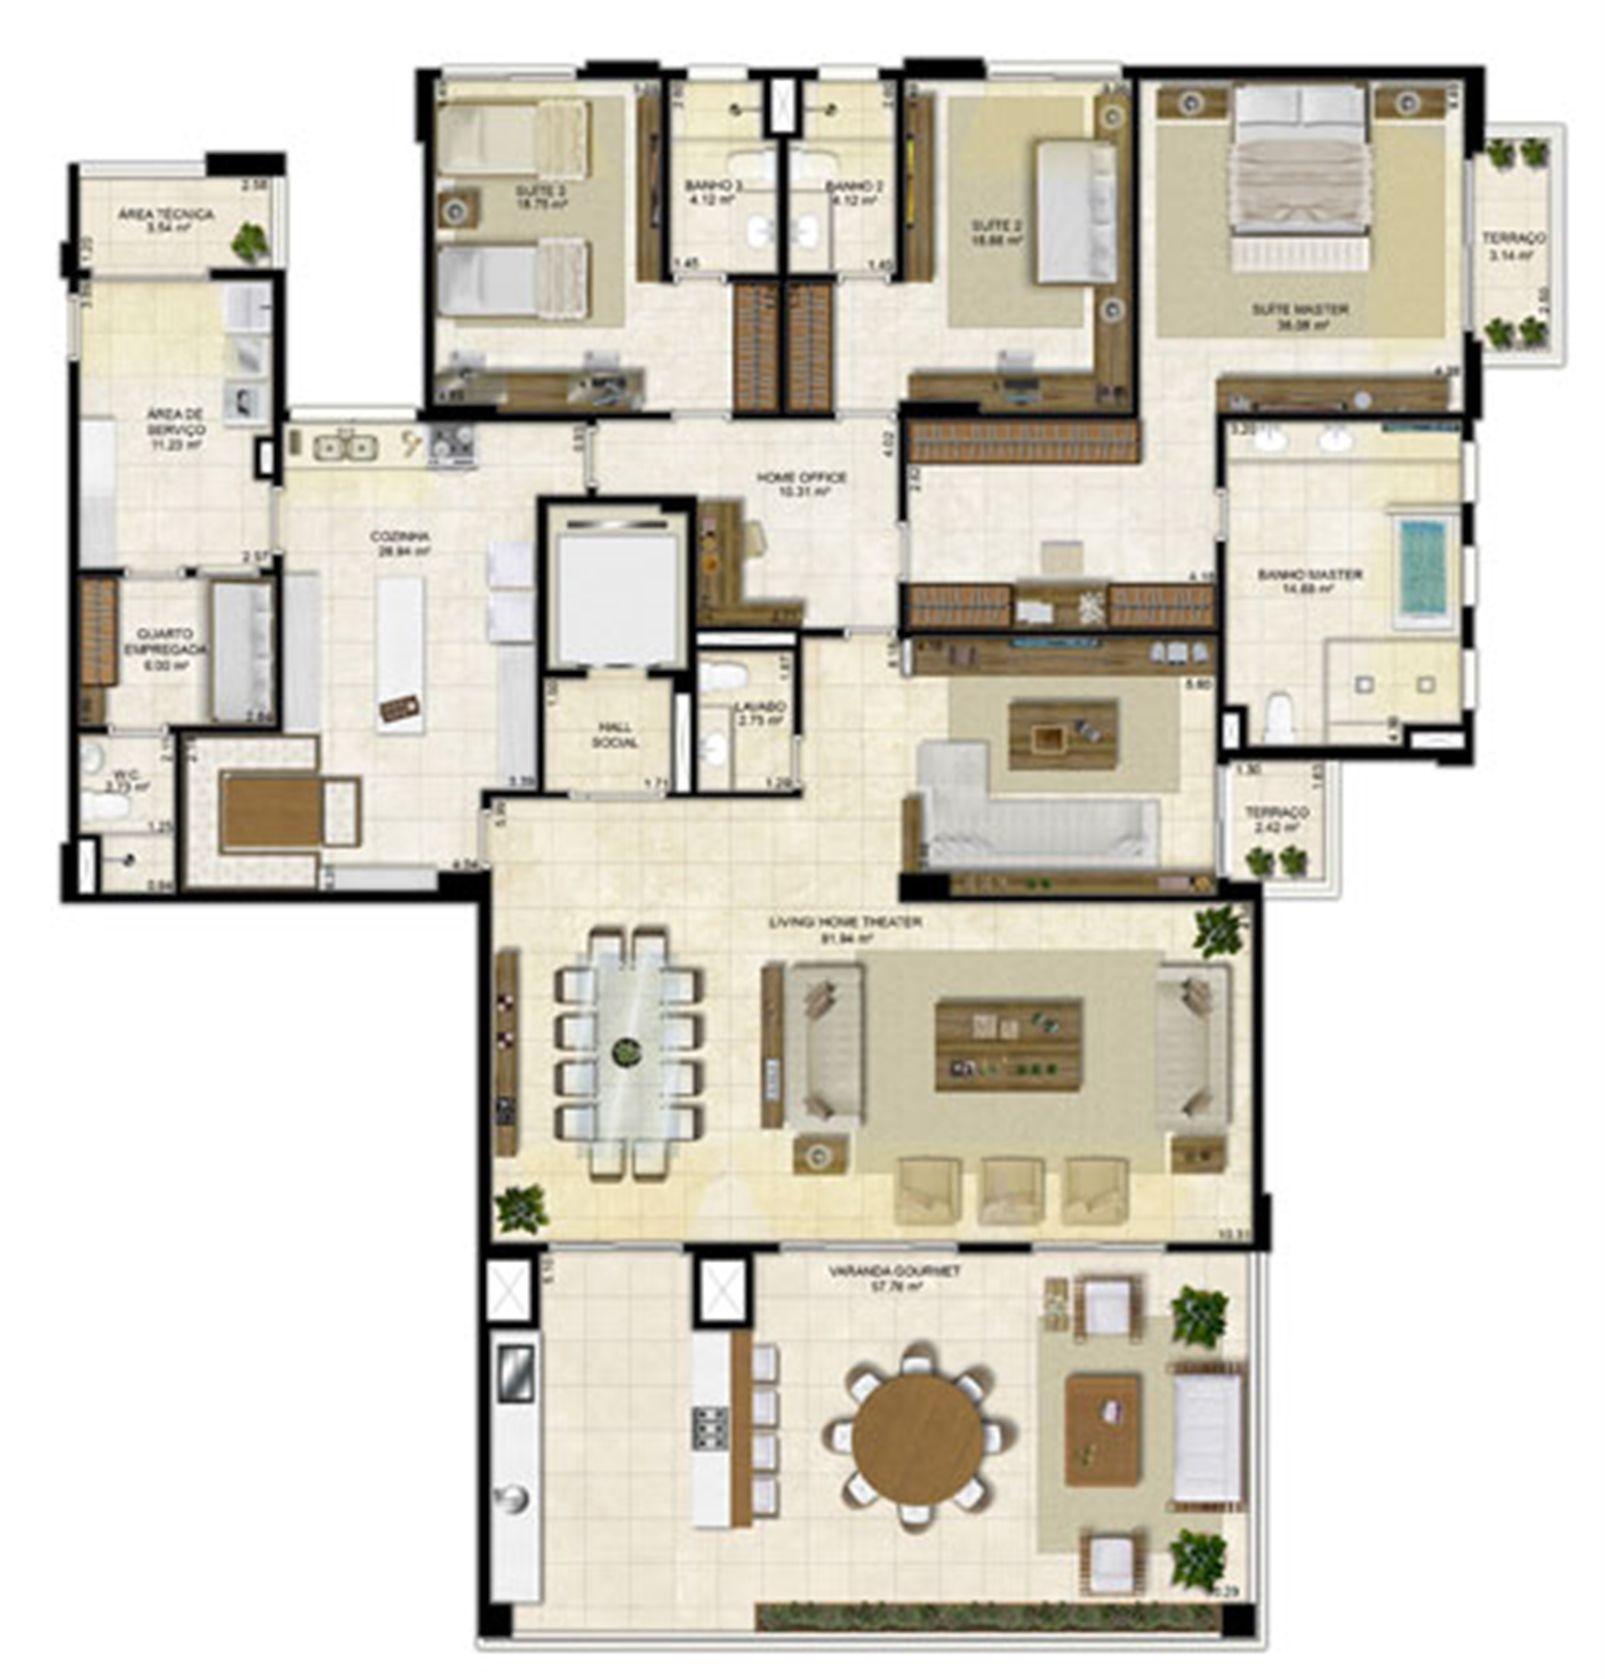 Planta ampliada 305 m² - Cozinha Ampliada e Home Theater reservado – Pavimentos Pares | Île Saint Louis  – Apartamentona  Ponta D'areia - São Luís - Maranhão